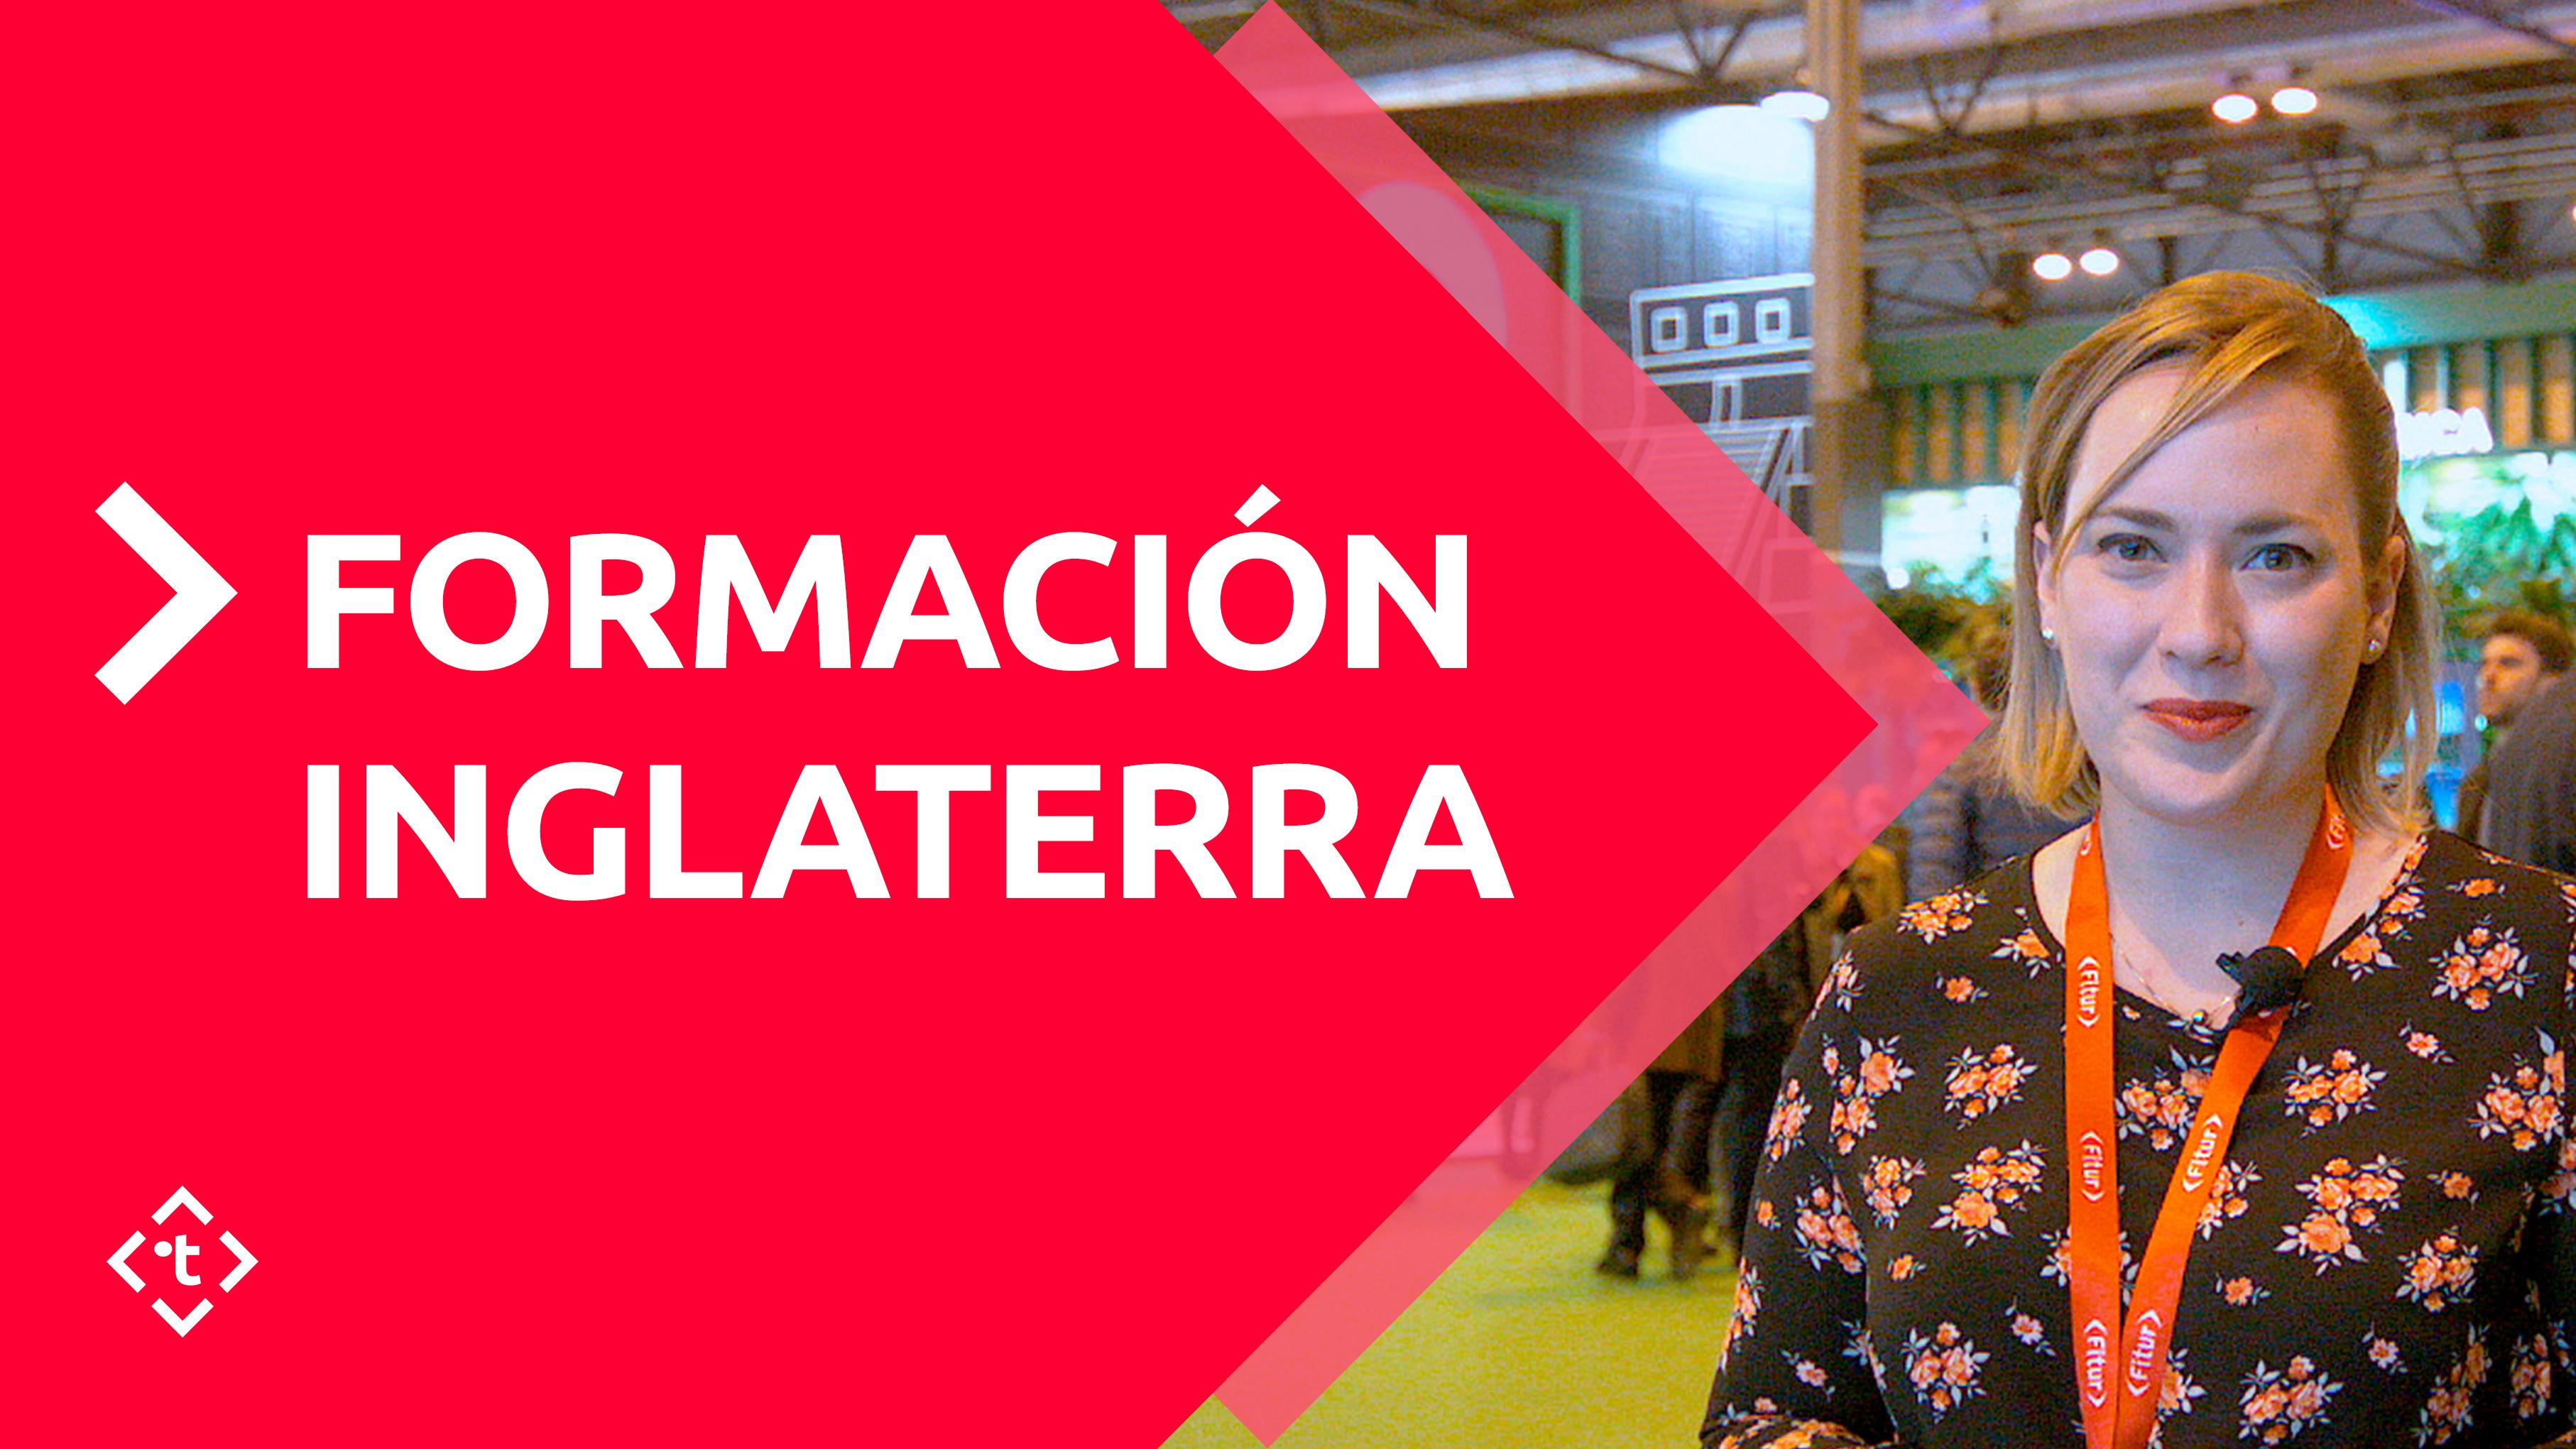 FORMACIÓN INGLATERRA